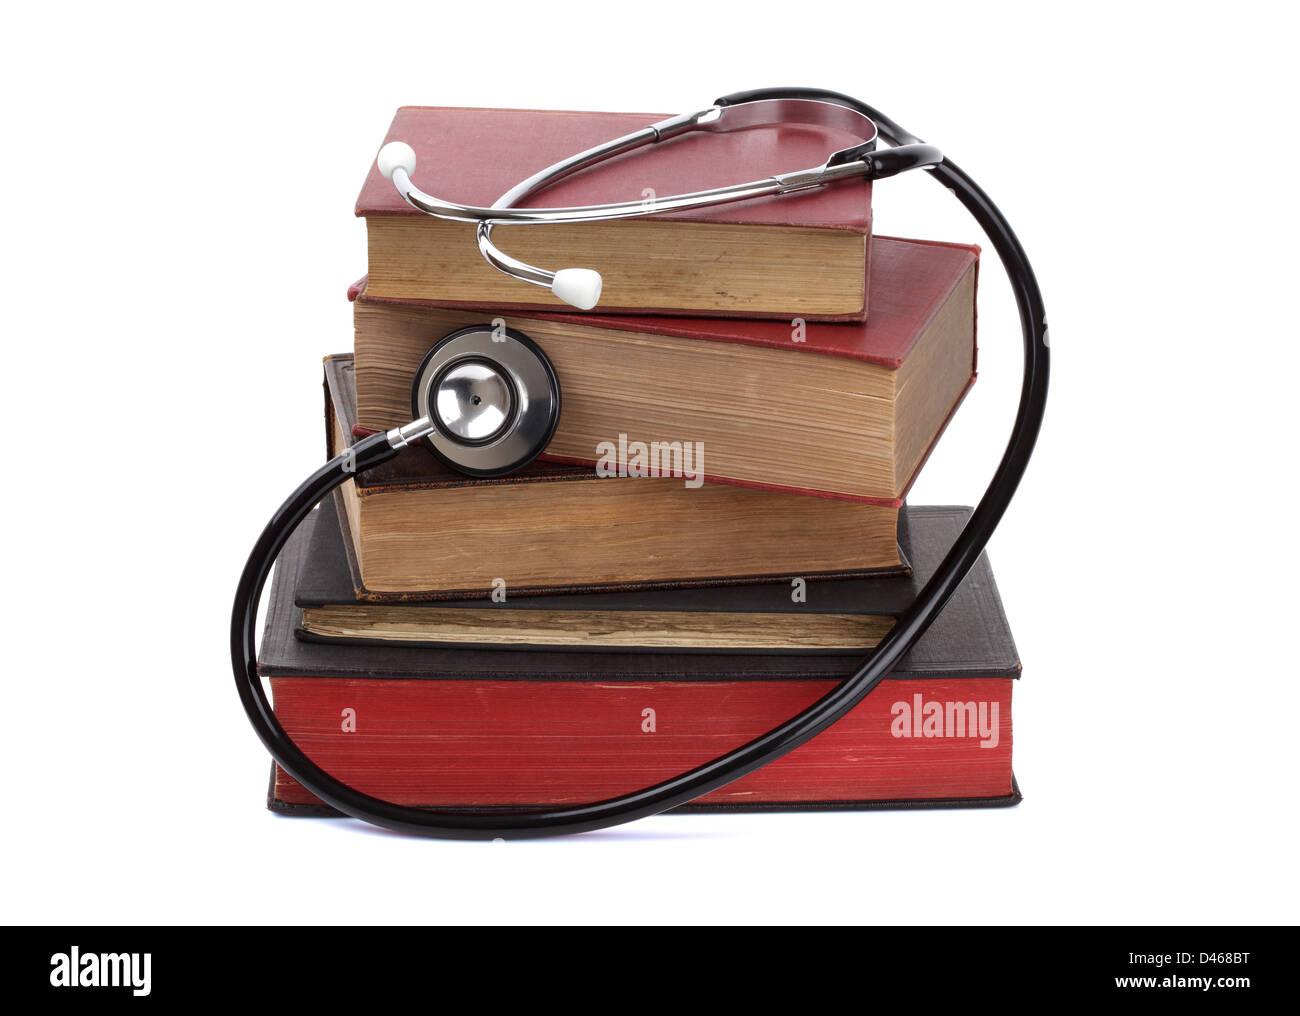 Medicina y salud Imagen De Stock